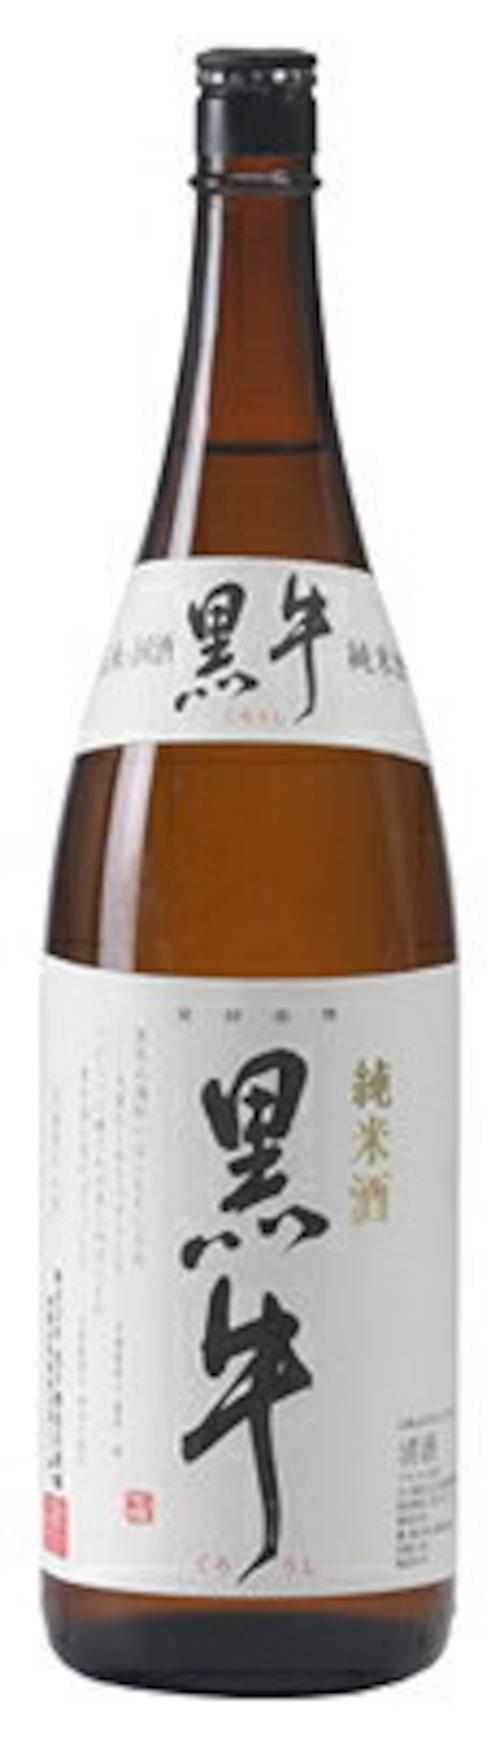 【名手酒造店】黒牛 純米酒 1800ml